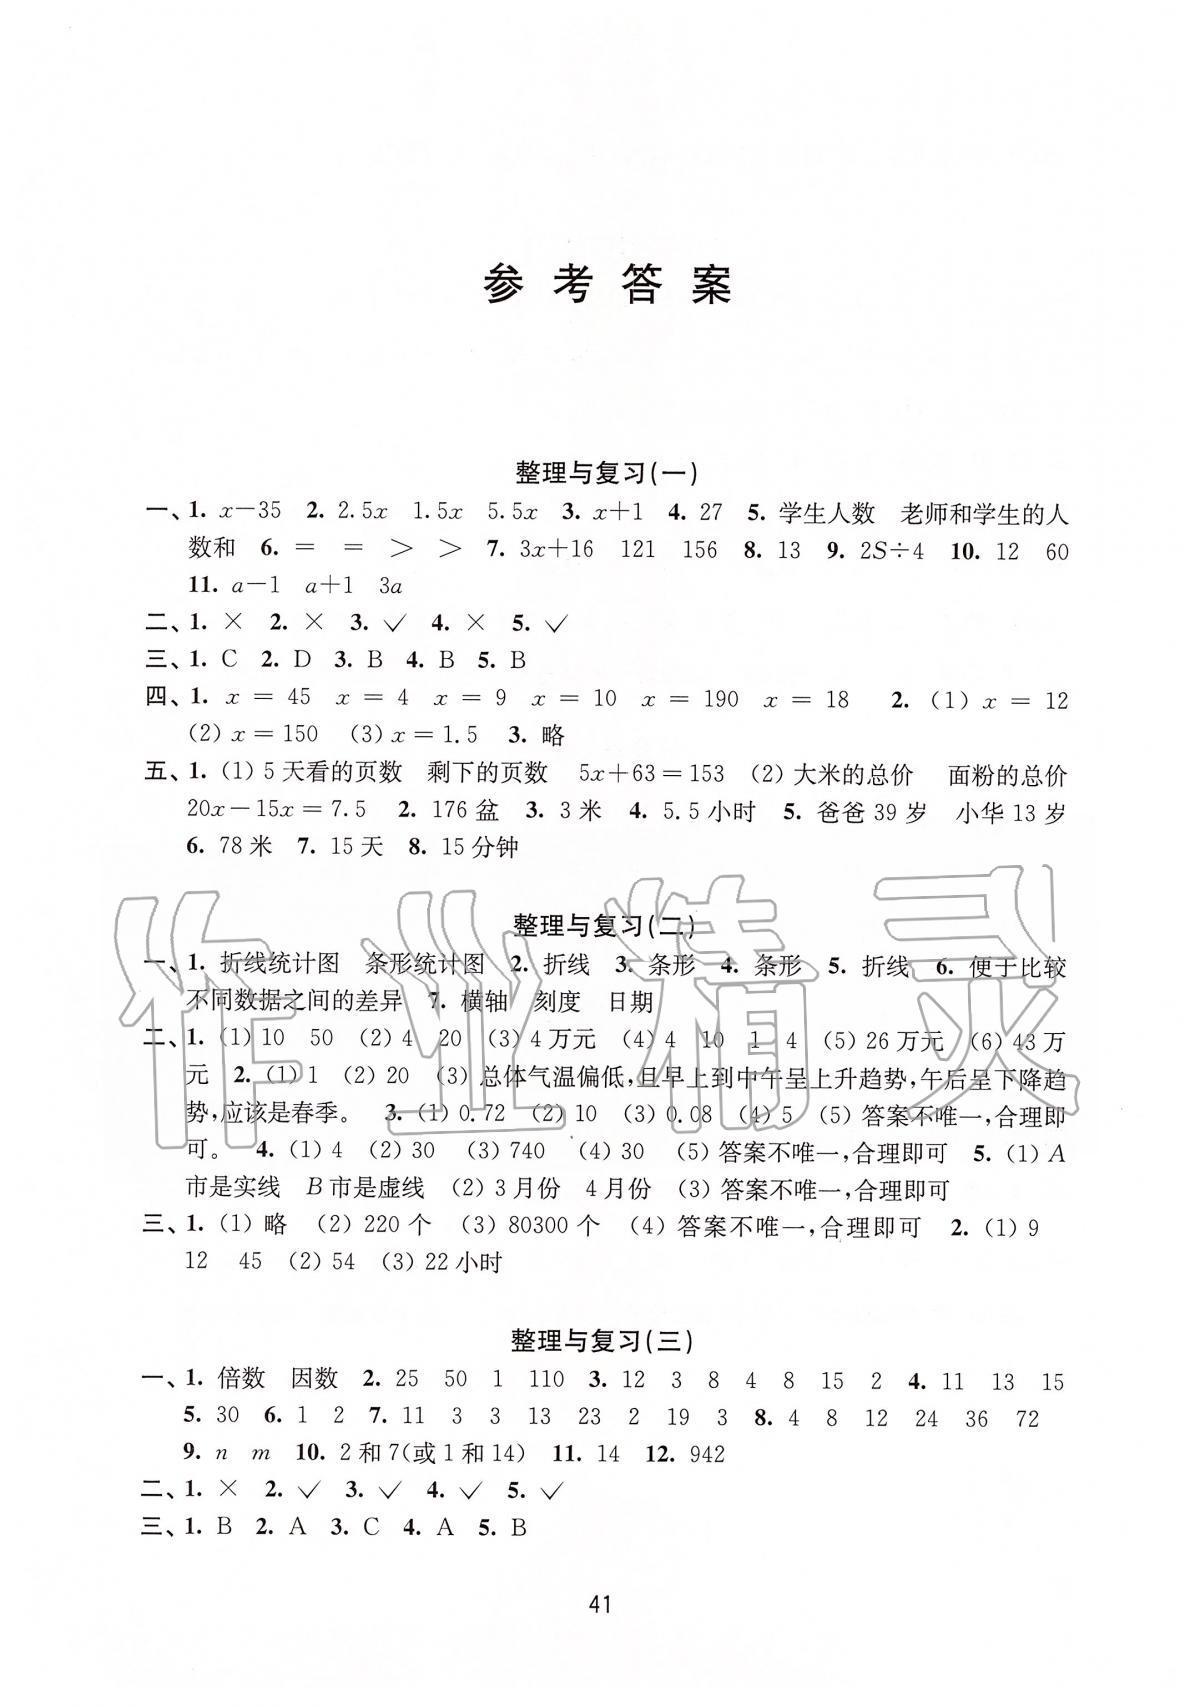 2020年小学数学强化练习五年级下册苏教版第1页